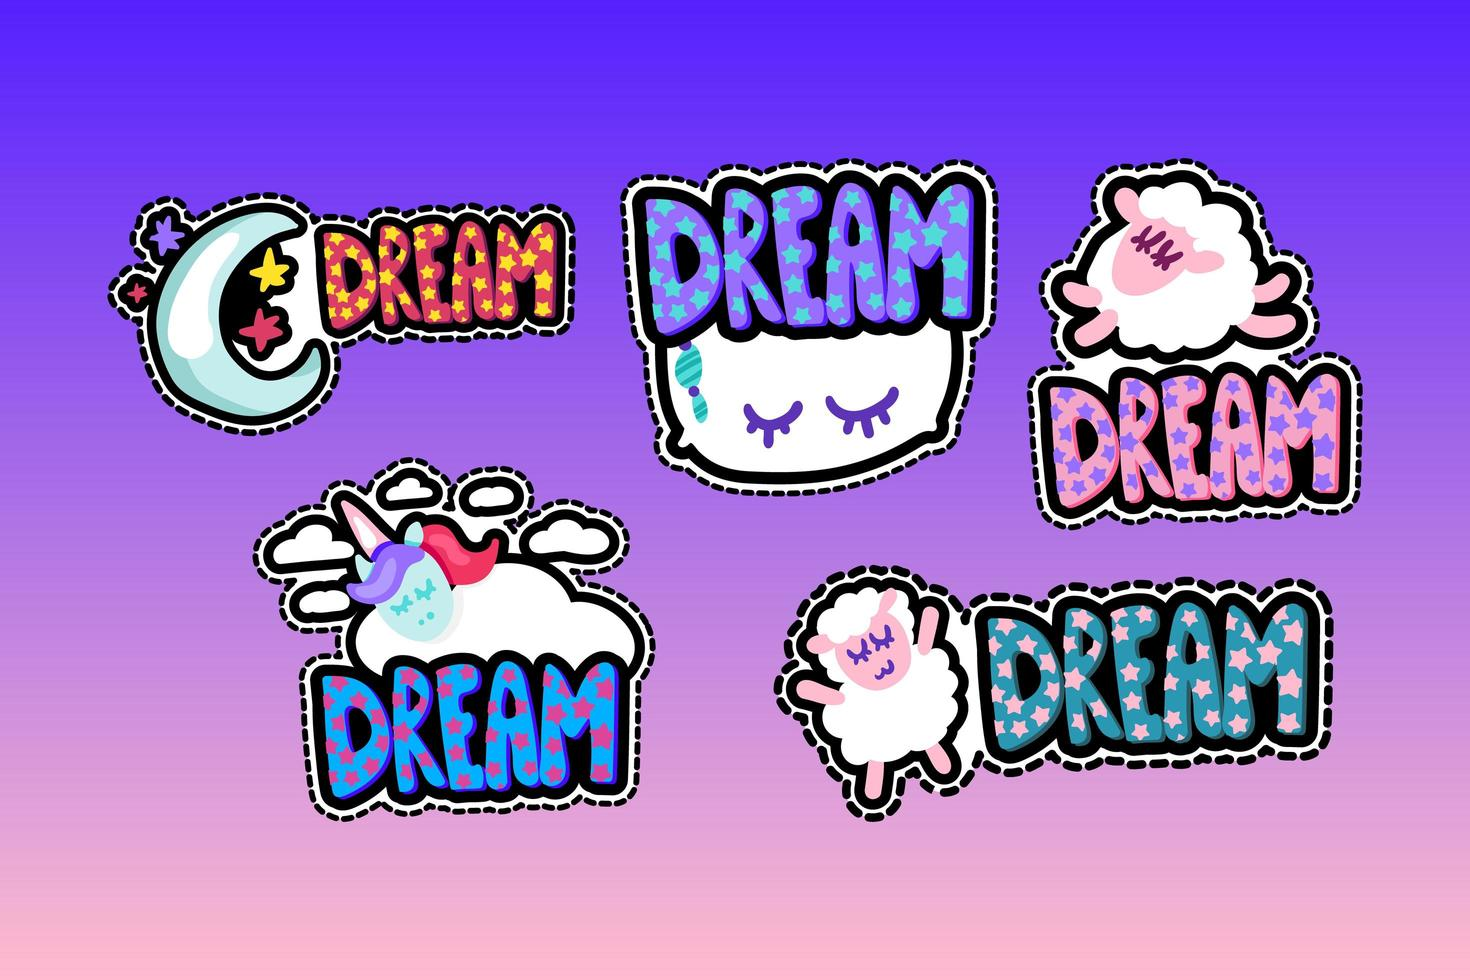 conjunto de ilustrações de molduras costuradas de letras dos sonhos vetor